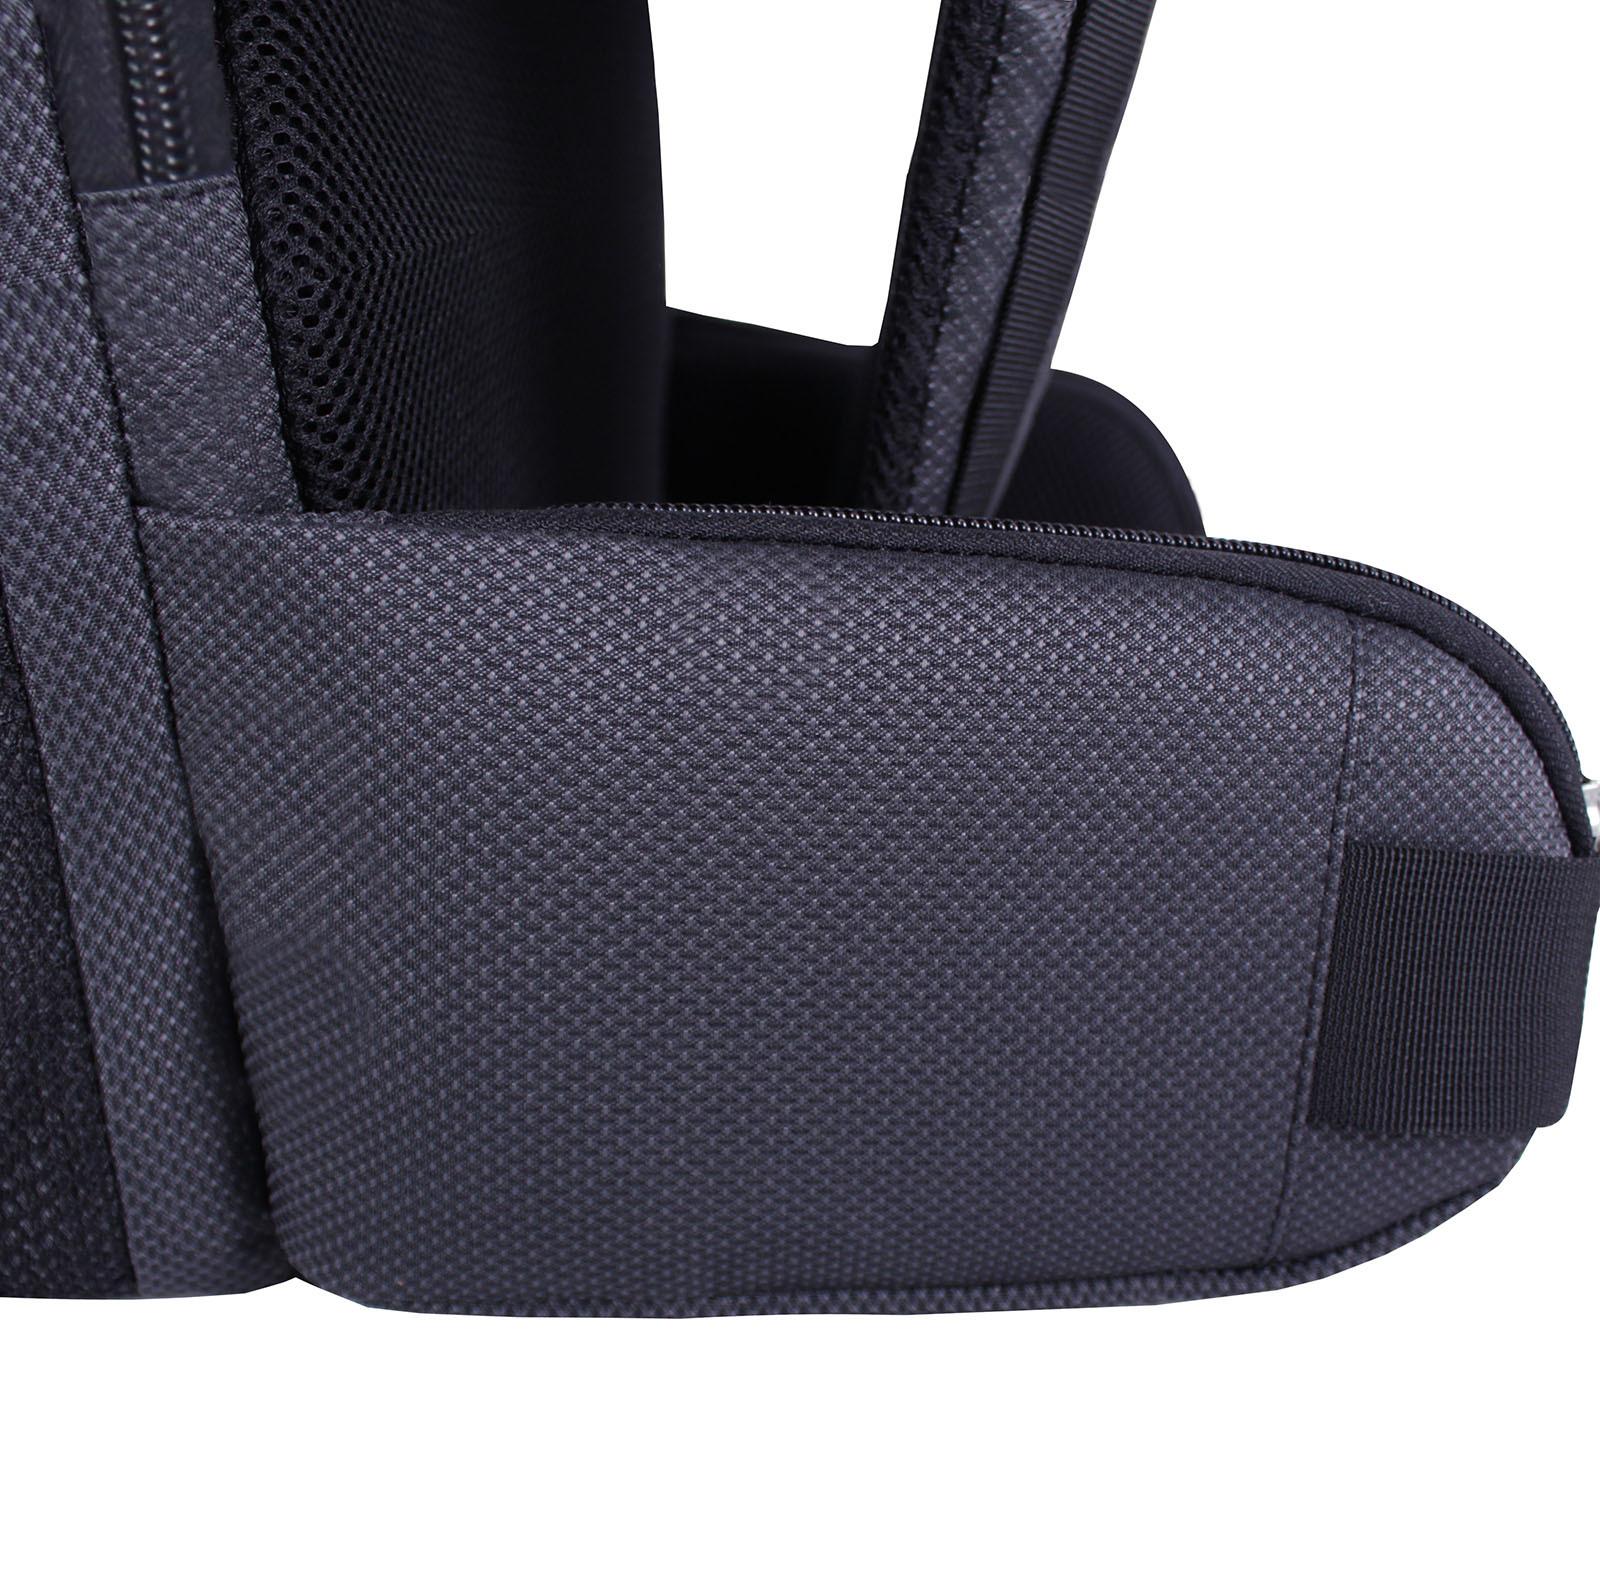 Рюкзак для ноутбука Bagland Roll 21 л. Чёрный (00156169) фото 6